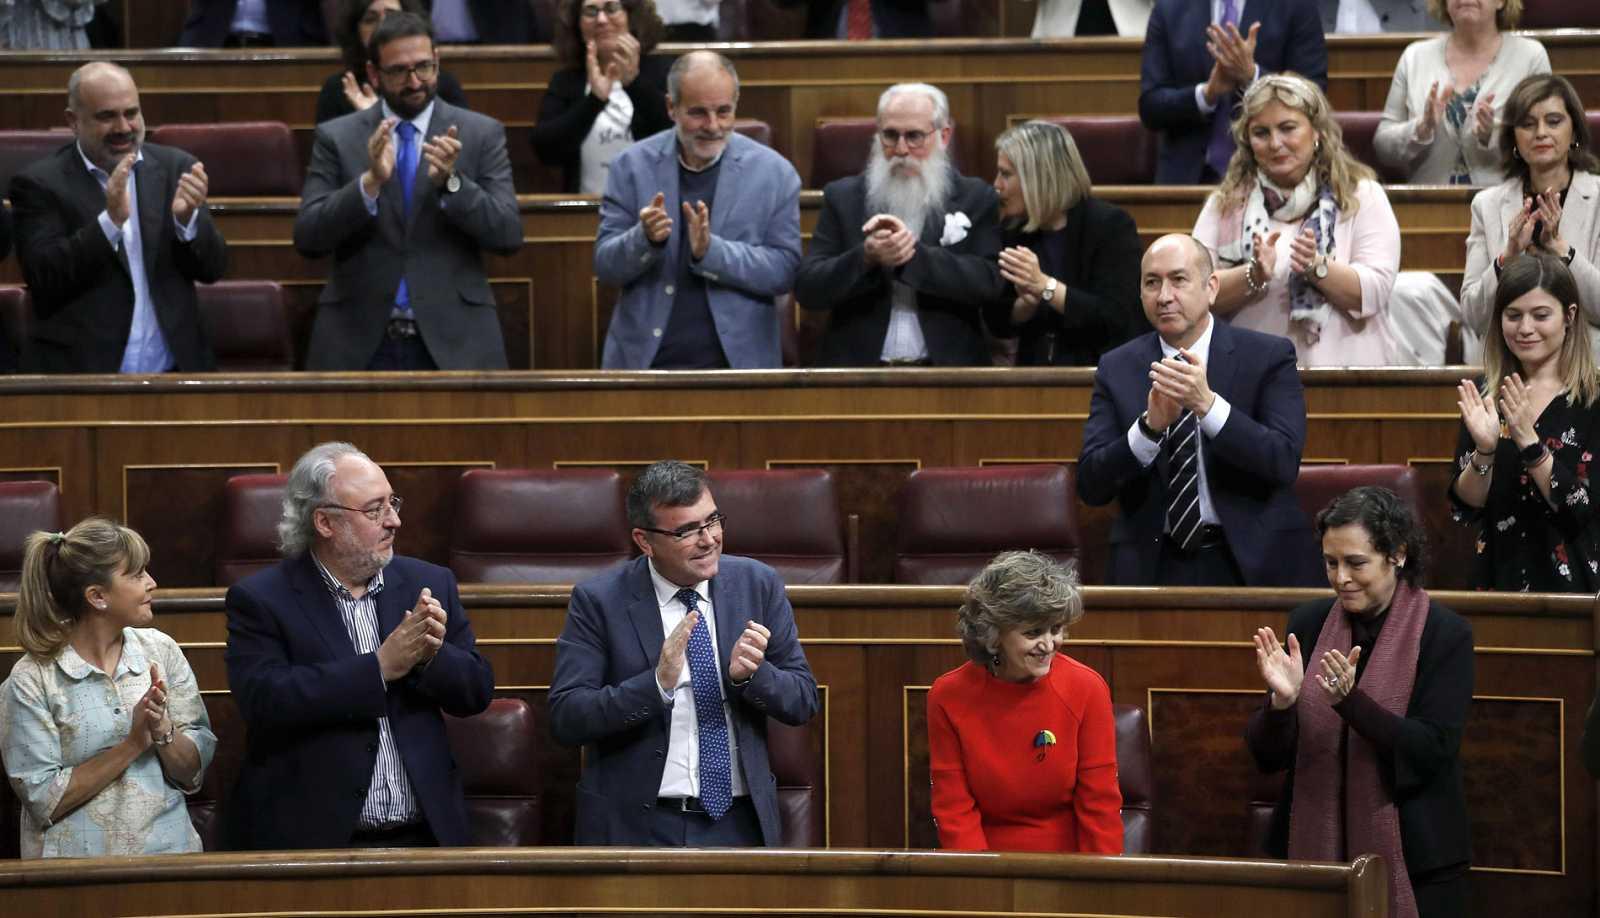 El Congreso inicia la tramitación de la ley de eutanasia con la oposición de PP y Vox